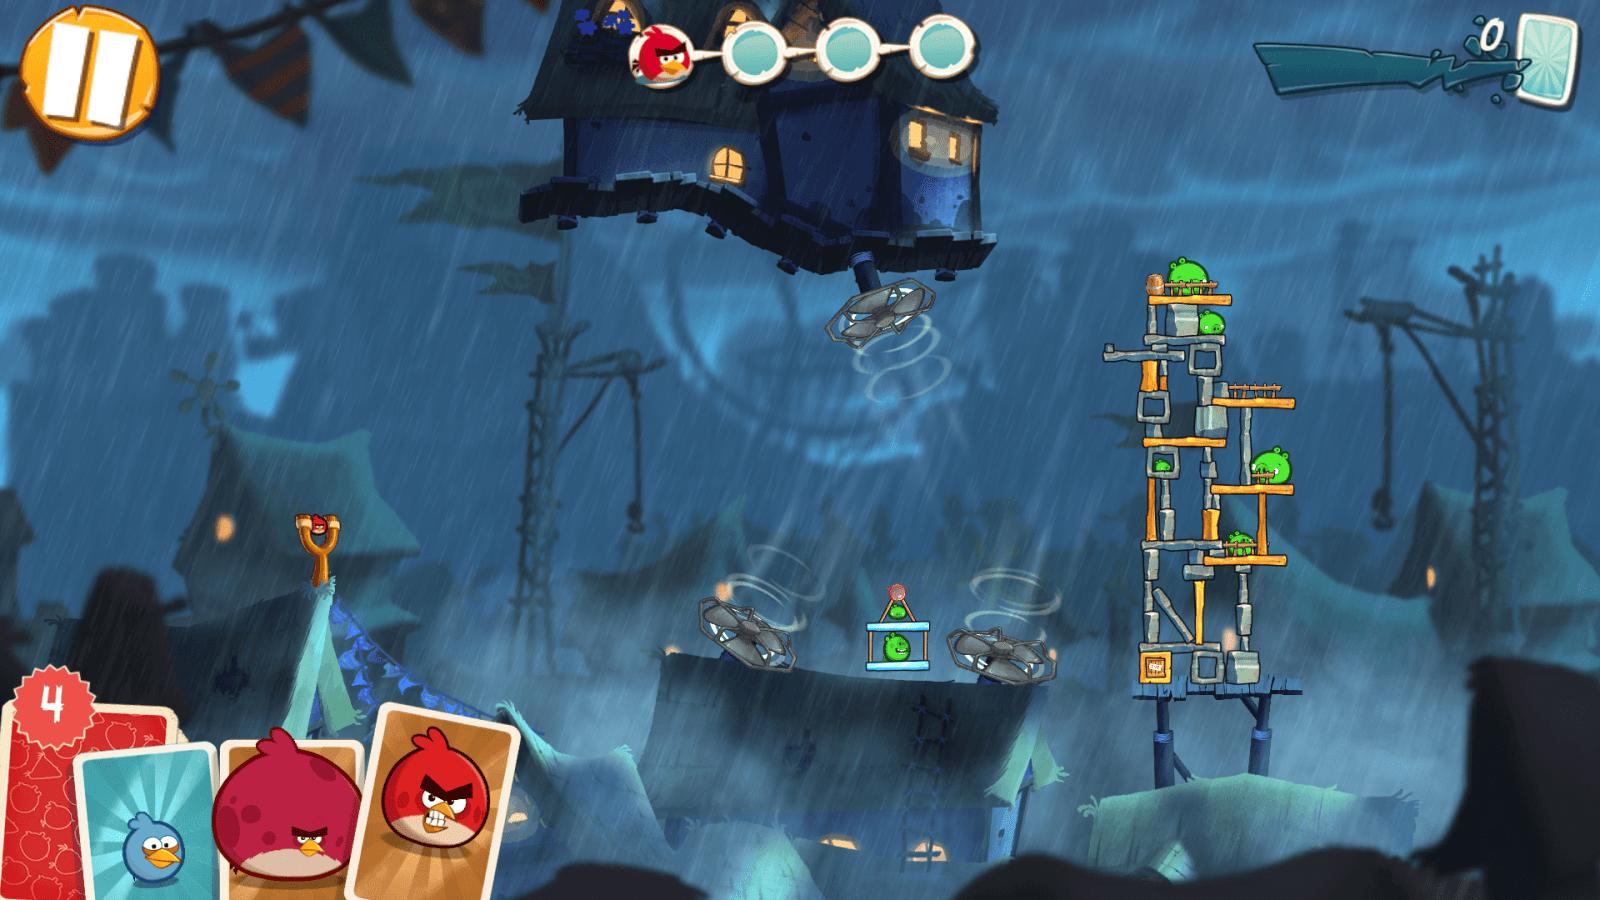 Screenshot 2015 08 24 02 55 06 - Прохождение боссов Angry Birds 2, часть 3